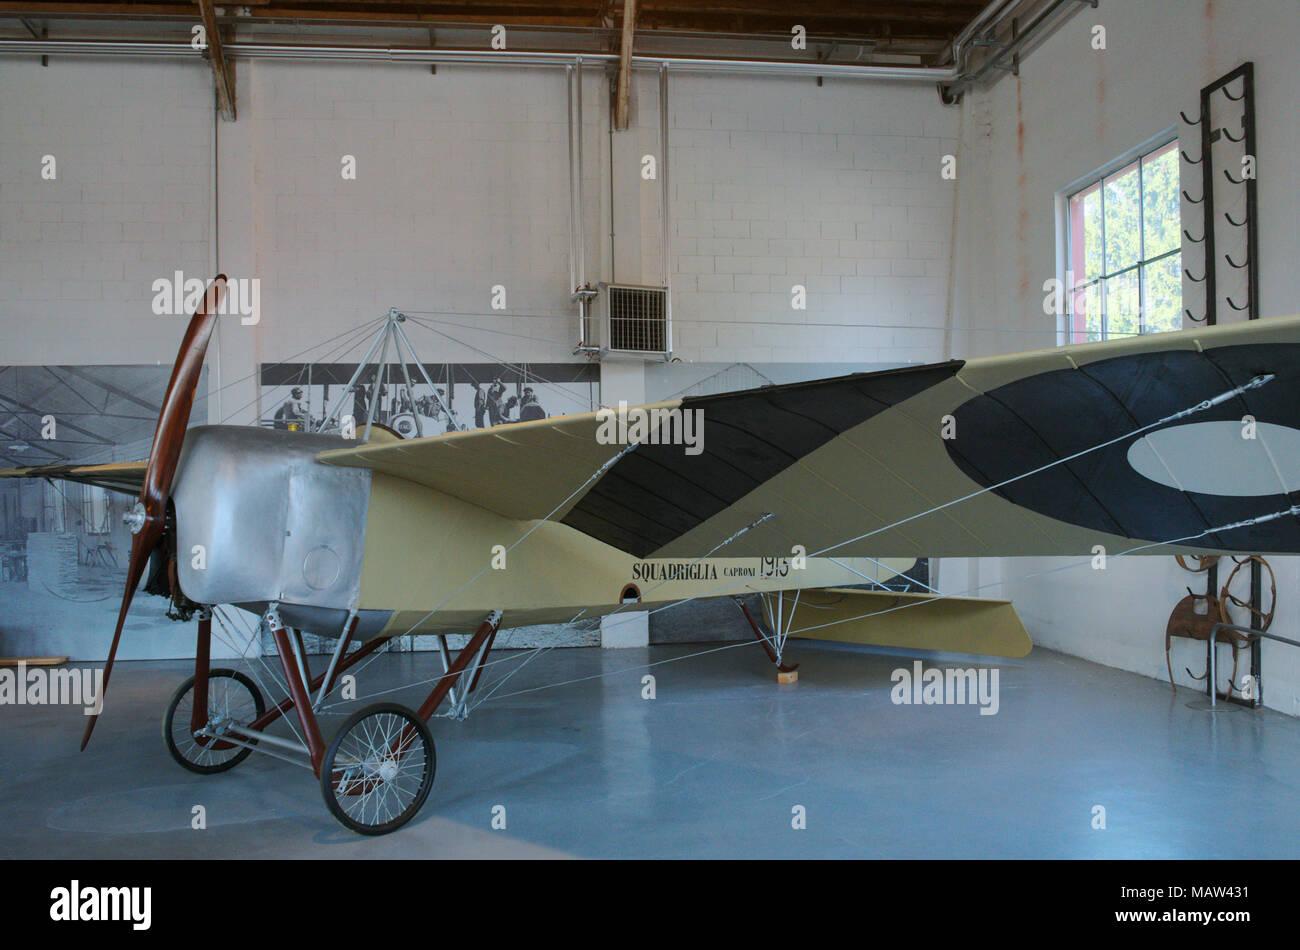 Caproni Ca 18 (1913) - Volandia aviation museum, near Malpensa, Lombardy, Italy - Stock Image